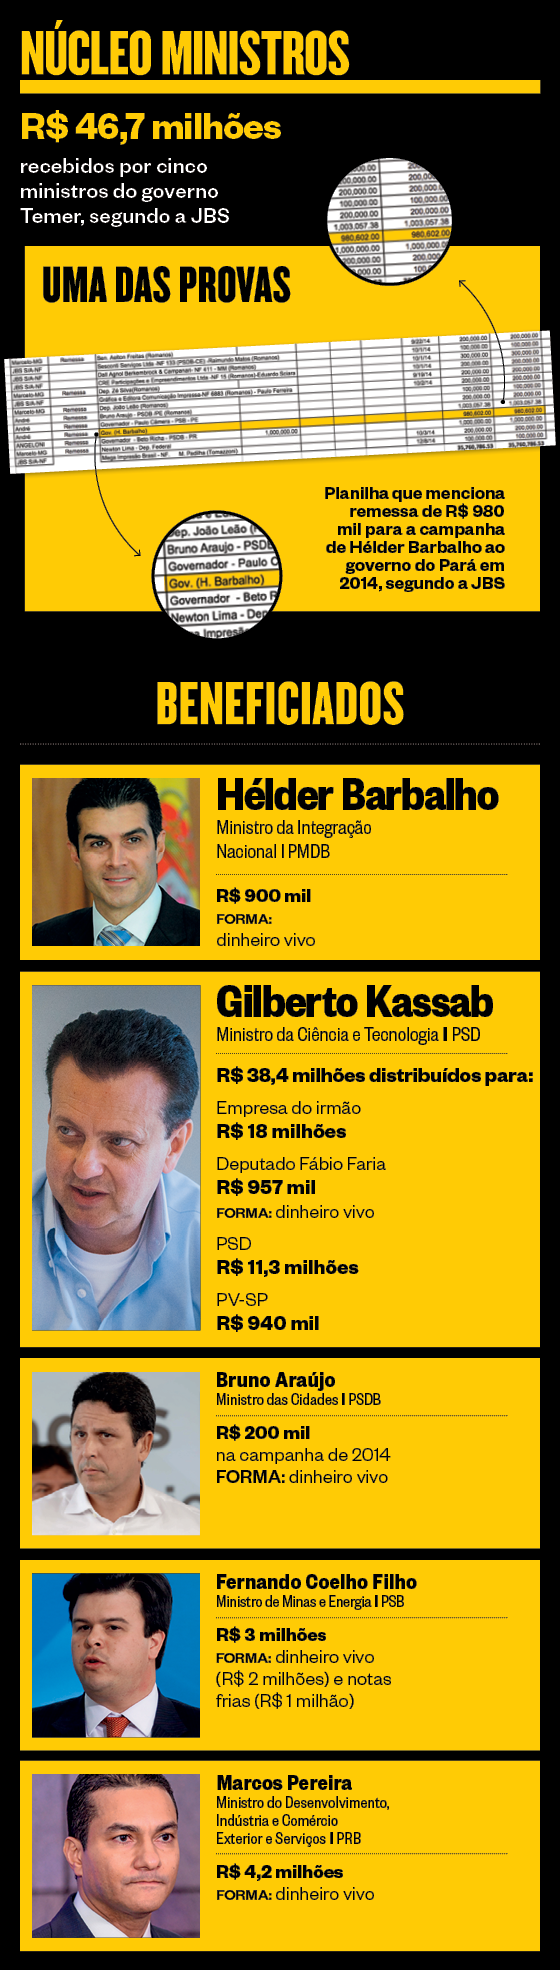 Núcleo Ministros (Foto: ÉPOCA)